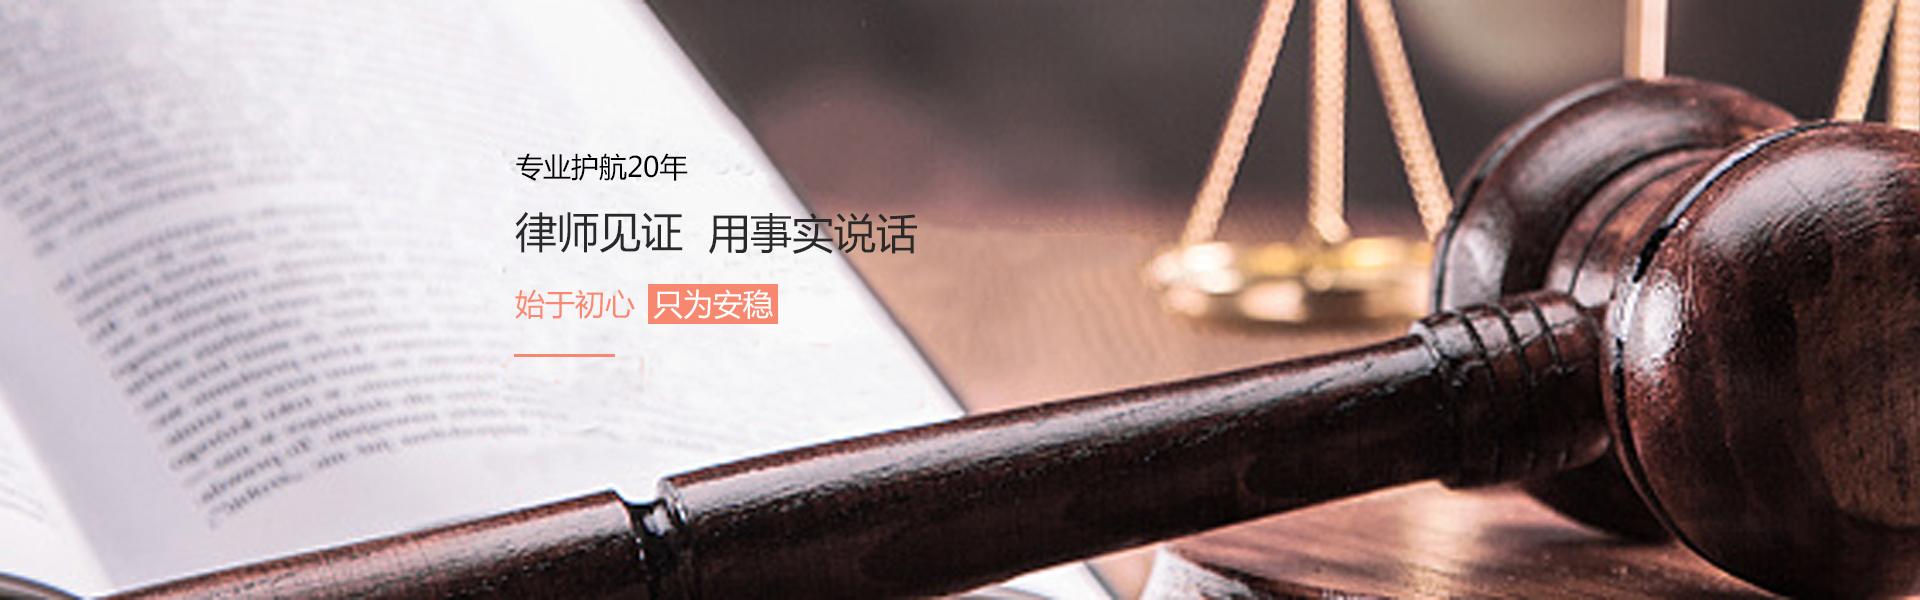 哈尔滨房地产律师,哈尔滨房产律师,哈尔滨房产纠纷律师